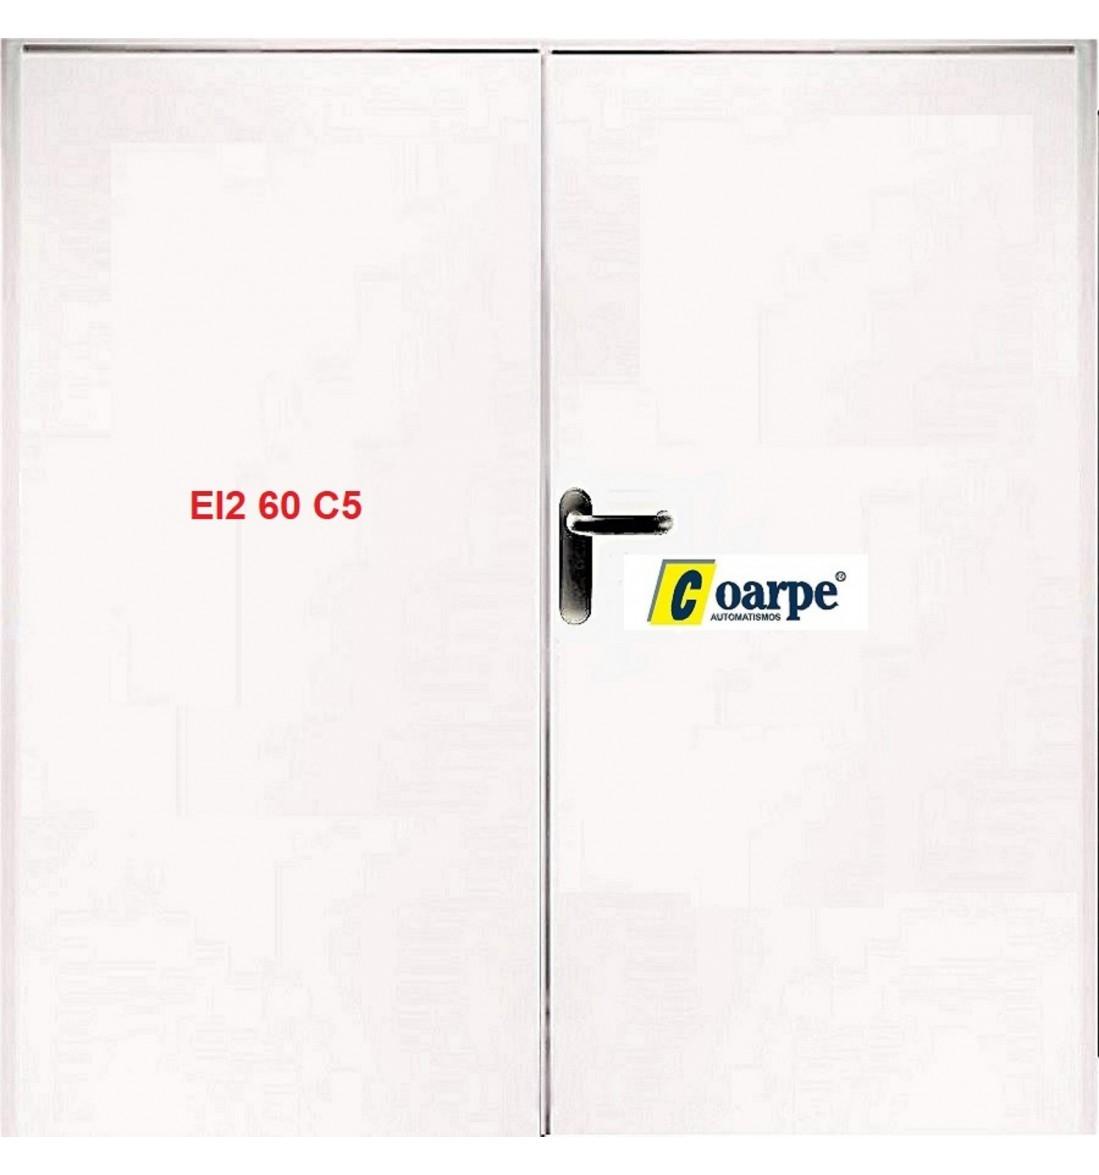 Puerta Cortafuegos Ei2 60 C5 D/h 1200*2070